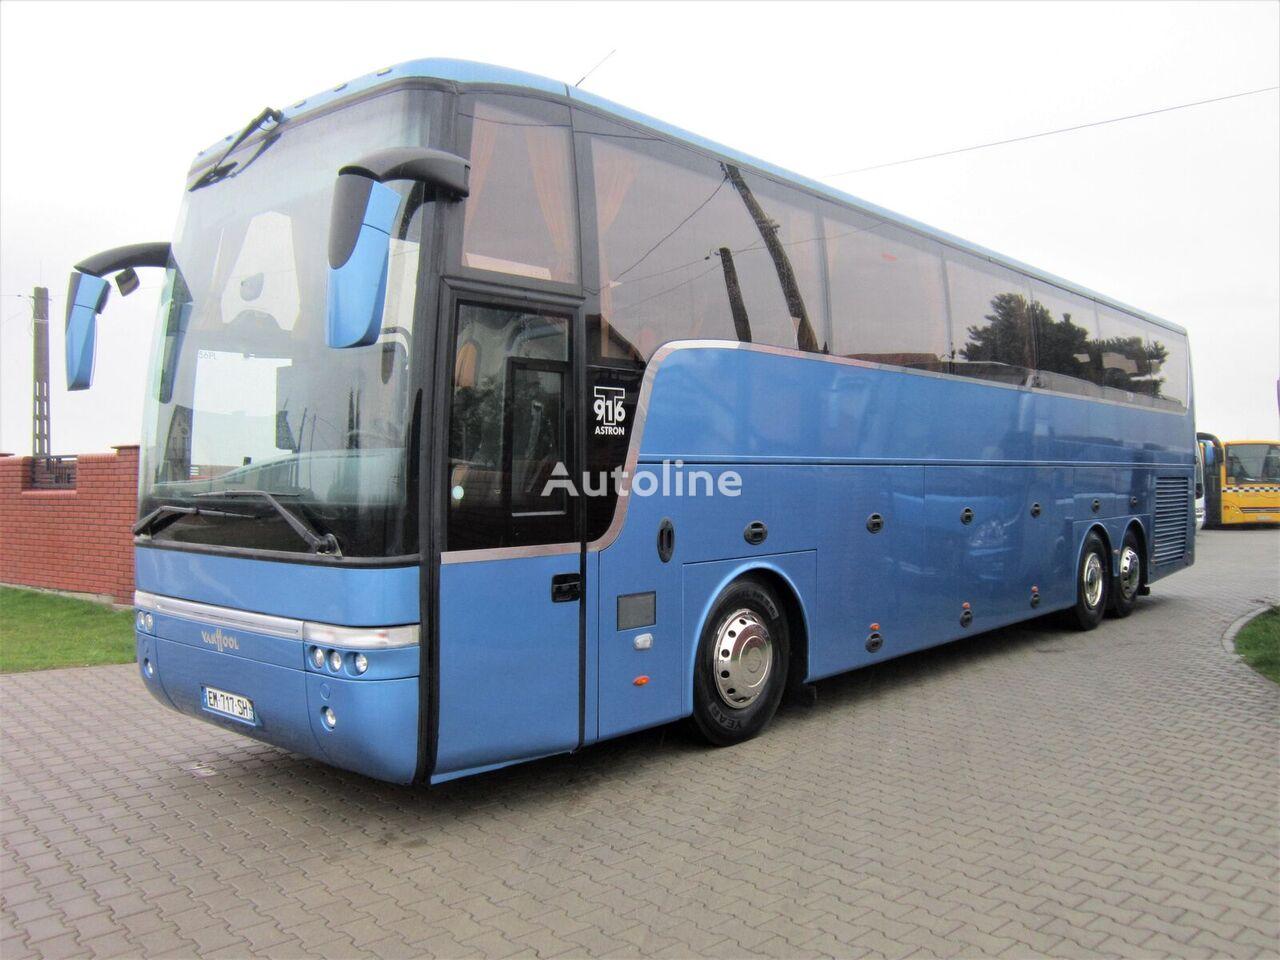 VAN HOOL T916 ASTRON coach bus